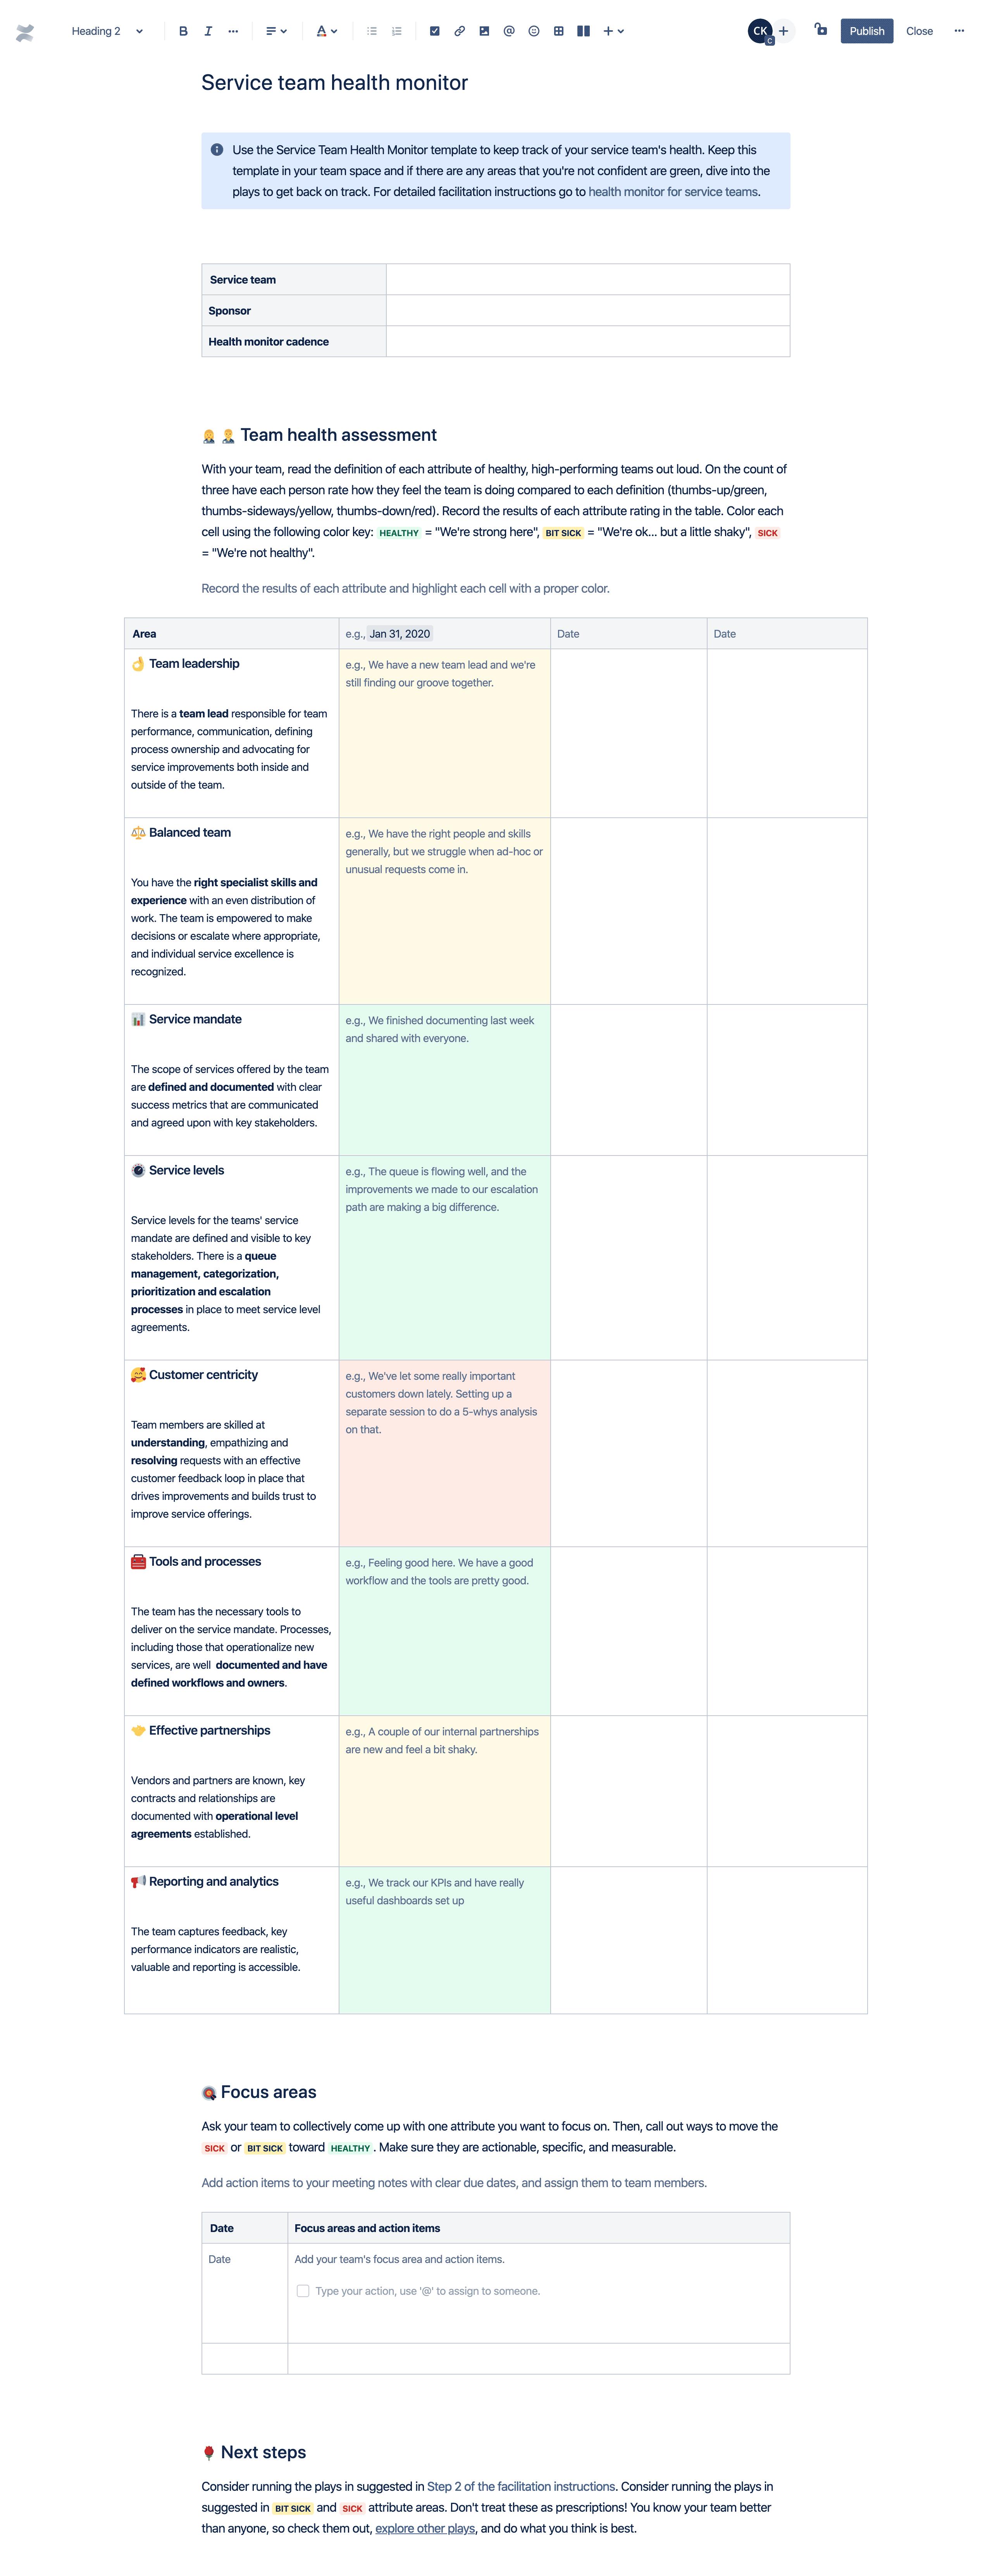 Modello di monitoraggio dello stato del team di assistenza